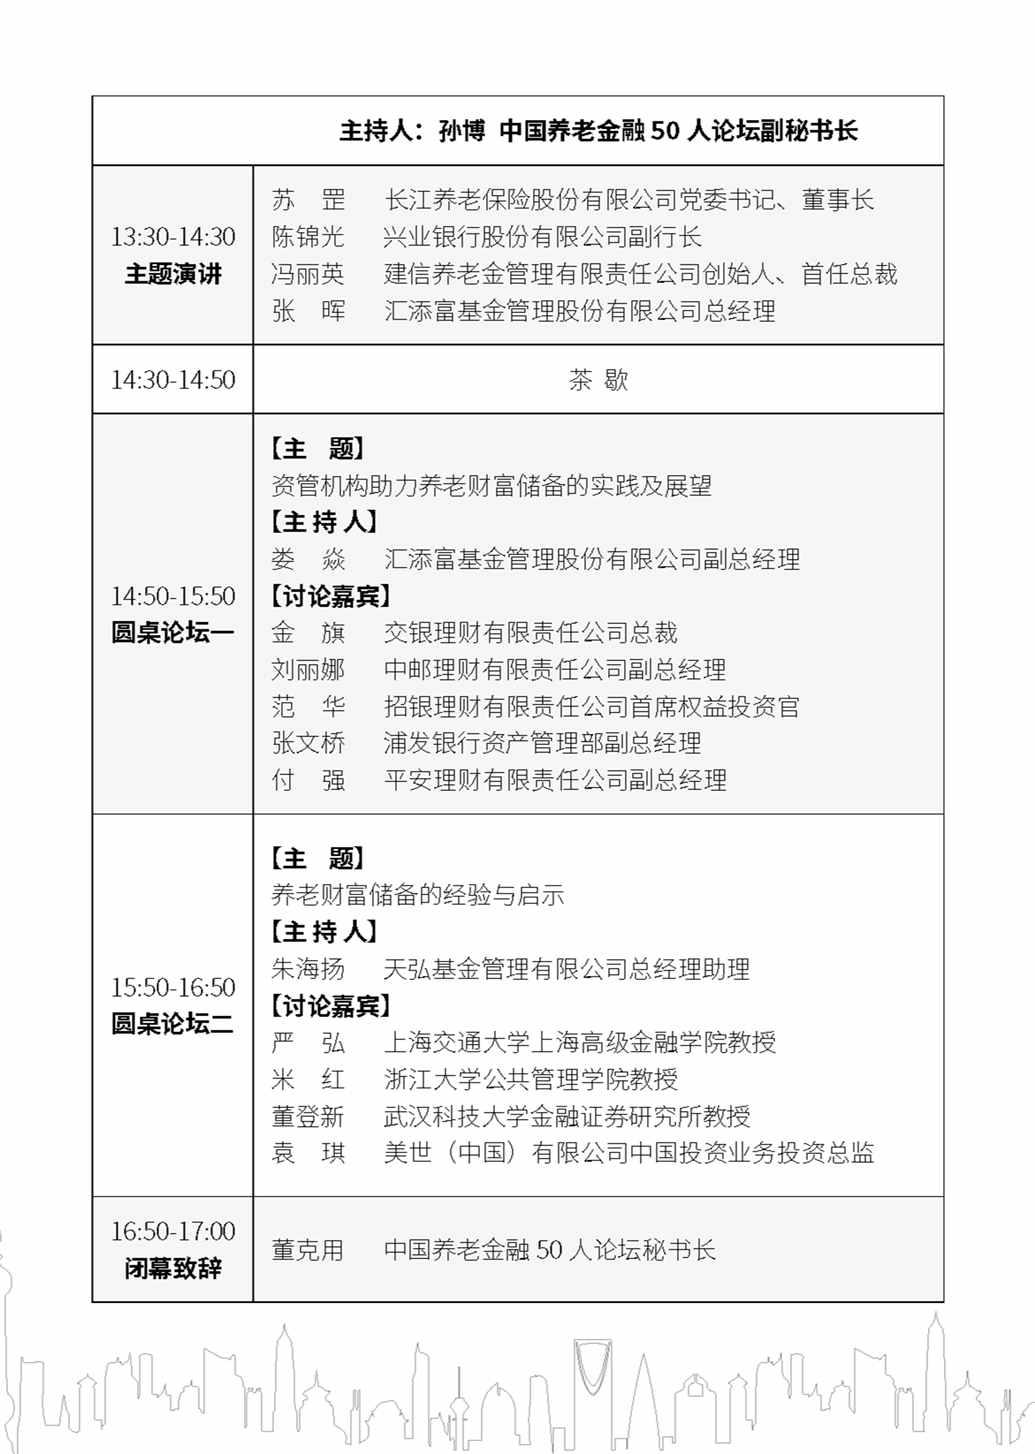 资产管理助力中国养老财富储备研讨会即将召开